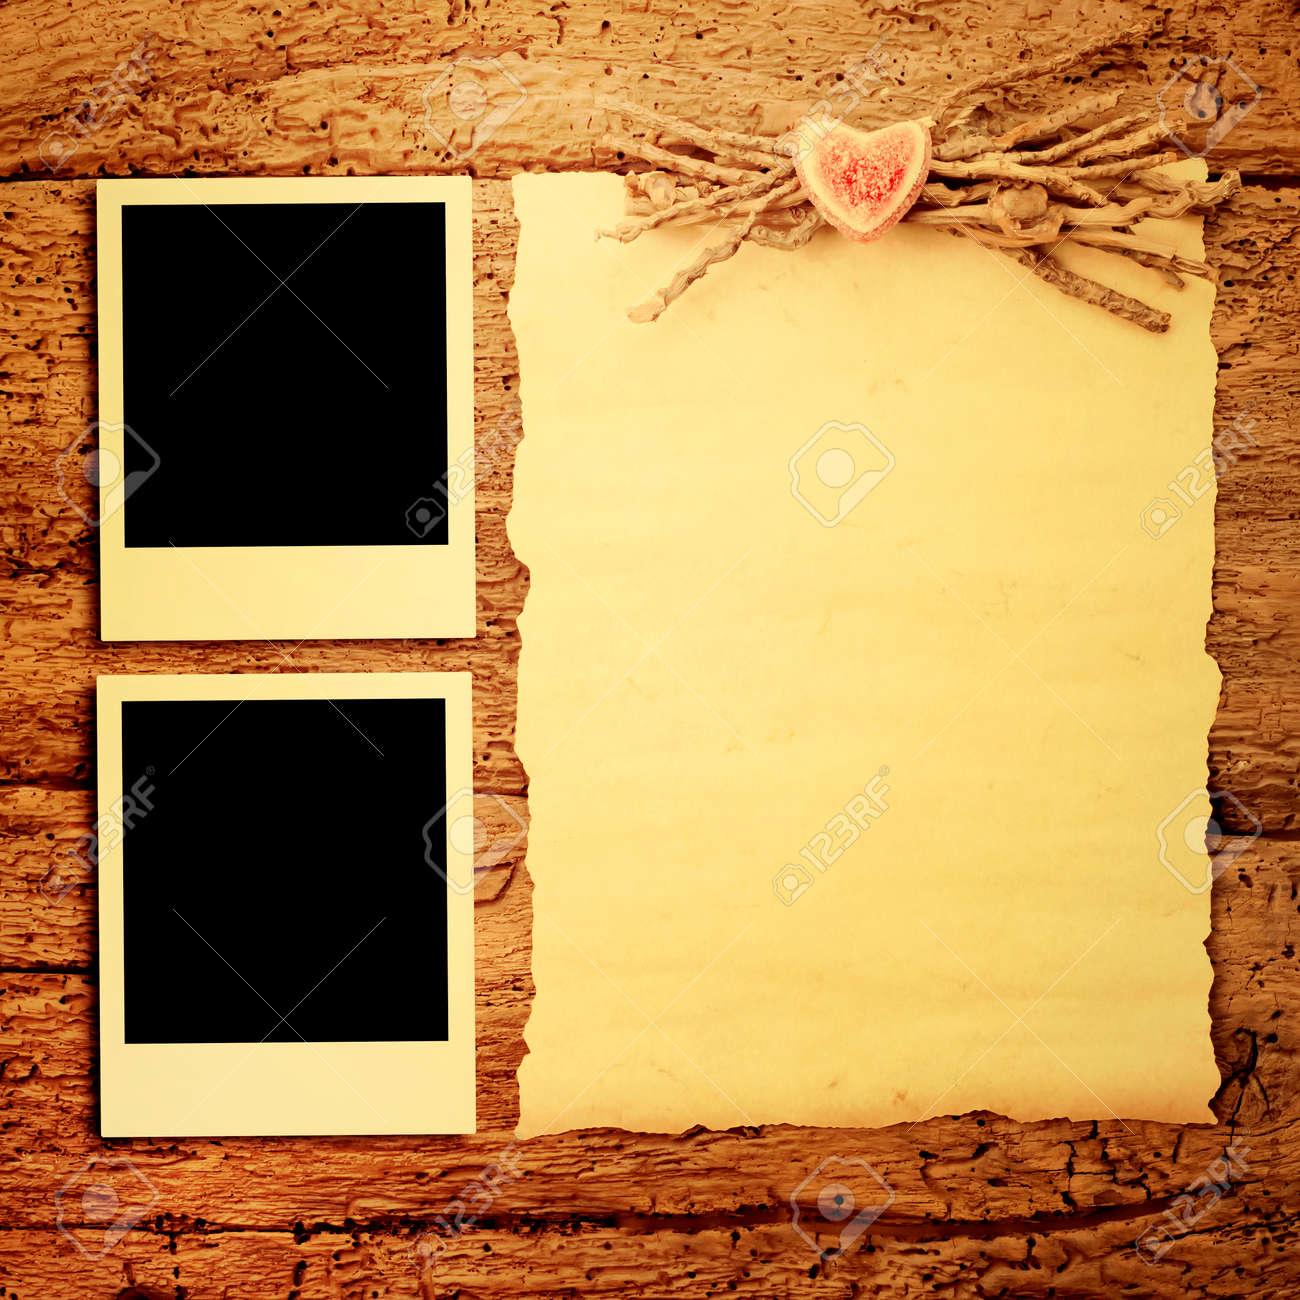 Karten Für Den Valentinstag Oder Hochzeit, Zwei Frames Für Die Fotos ...